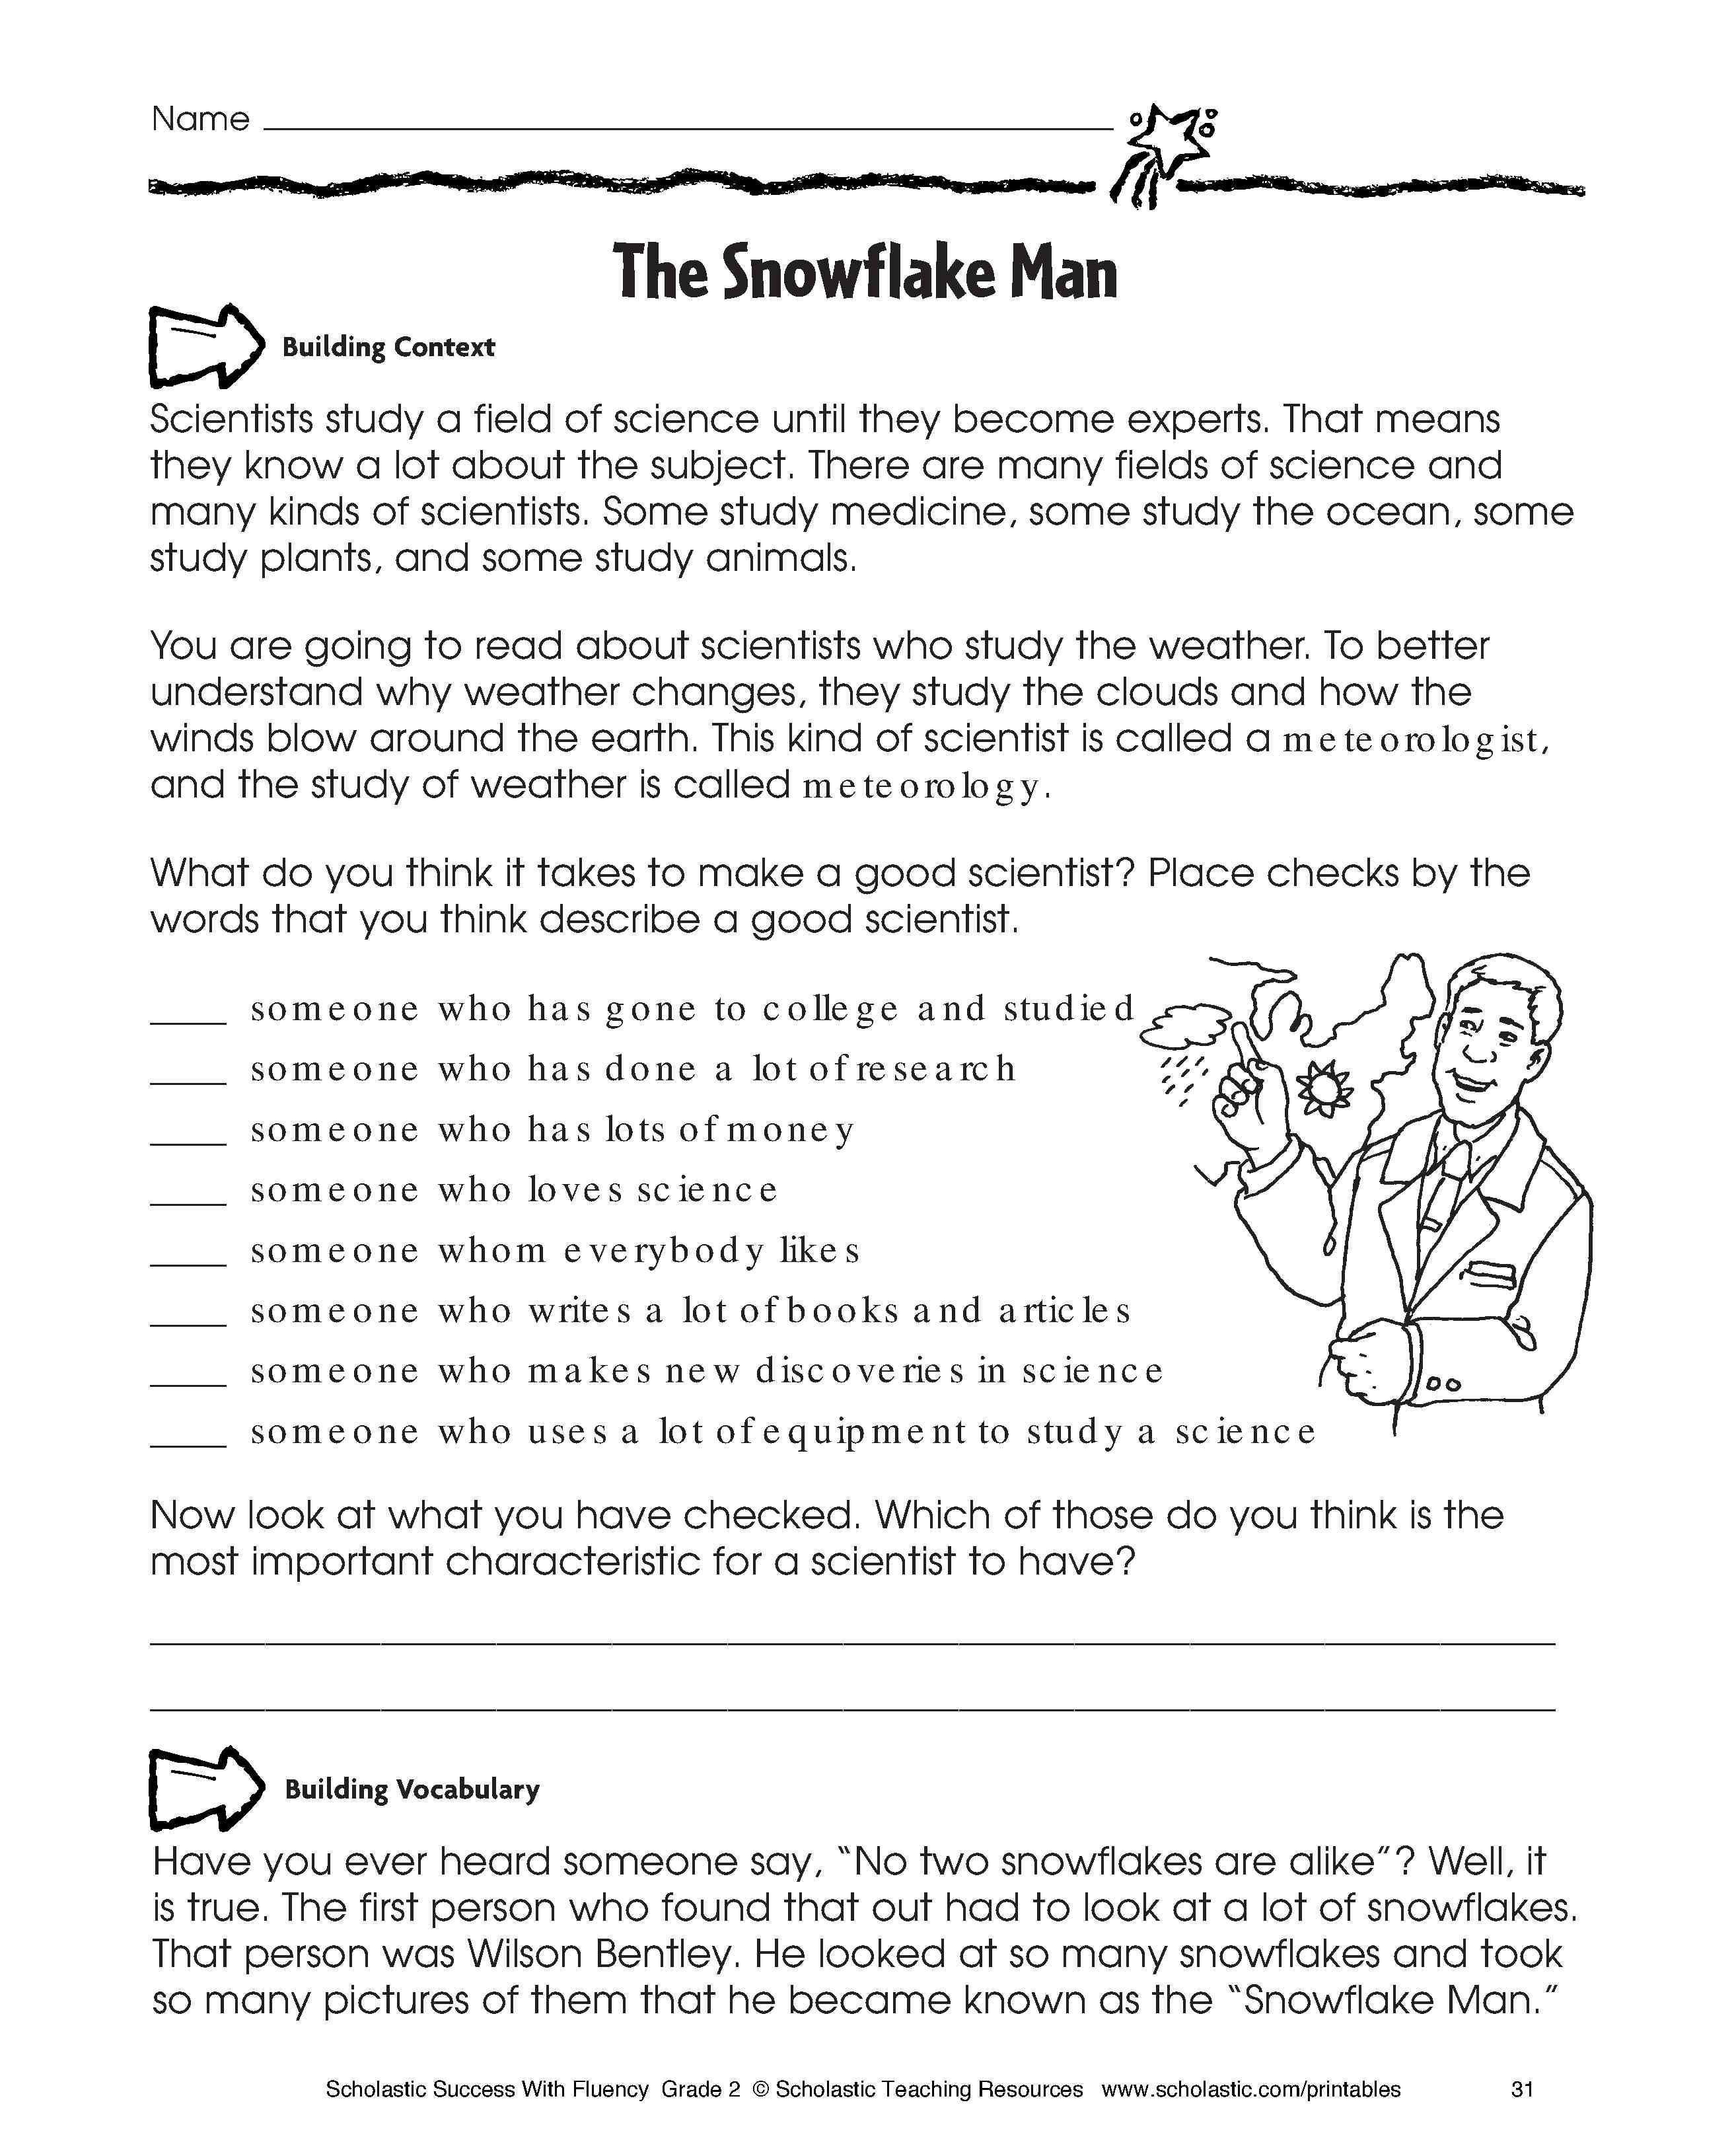 Kindergarten: Easy Esl English Reading Comprehension Worksheets - Free Printable Reading Level Assessment Test